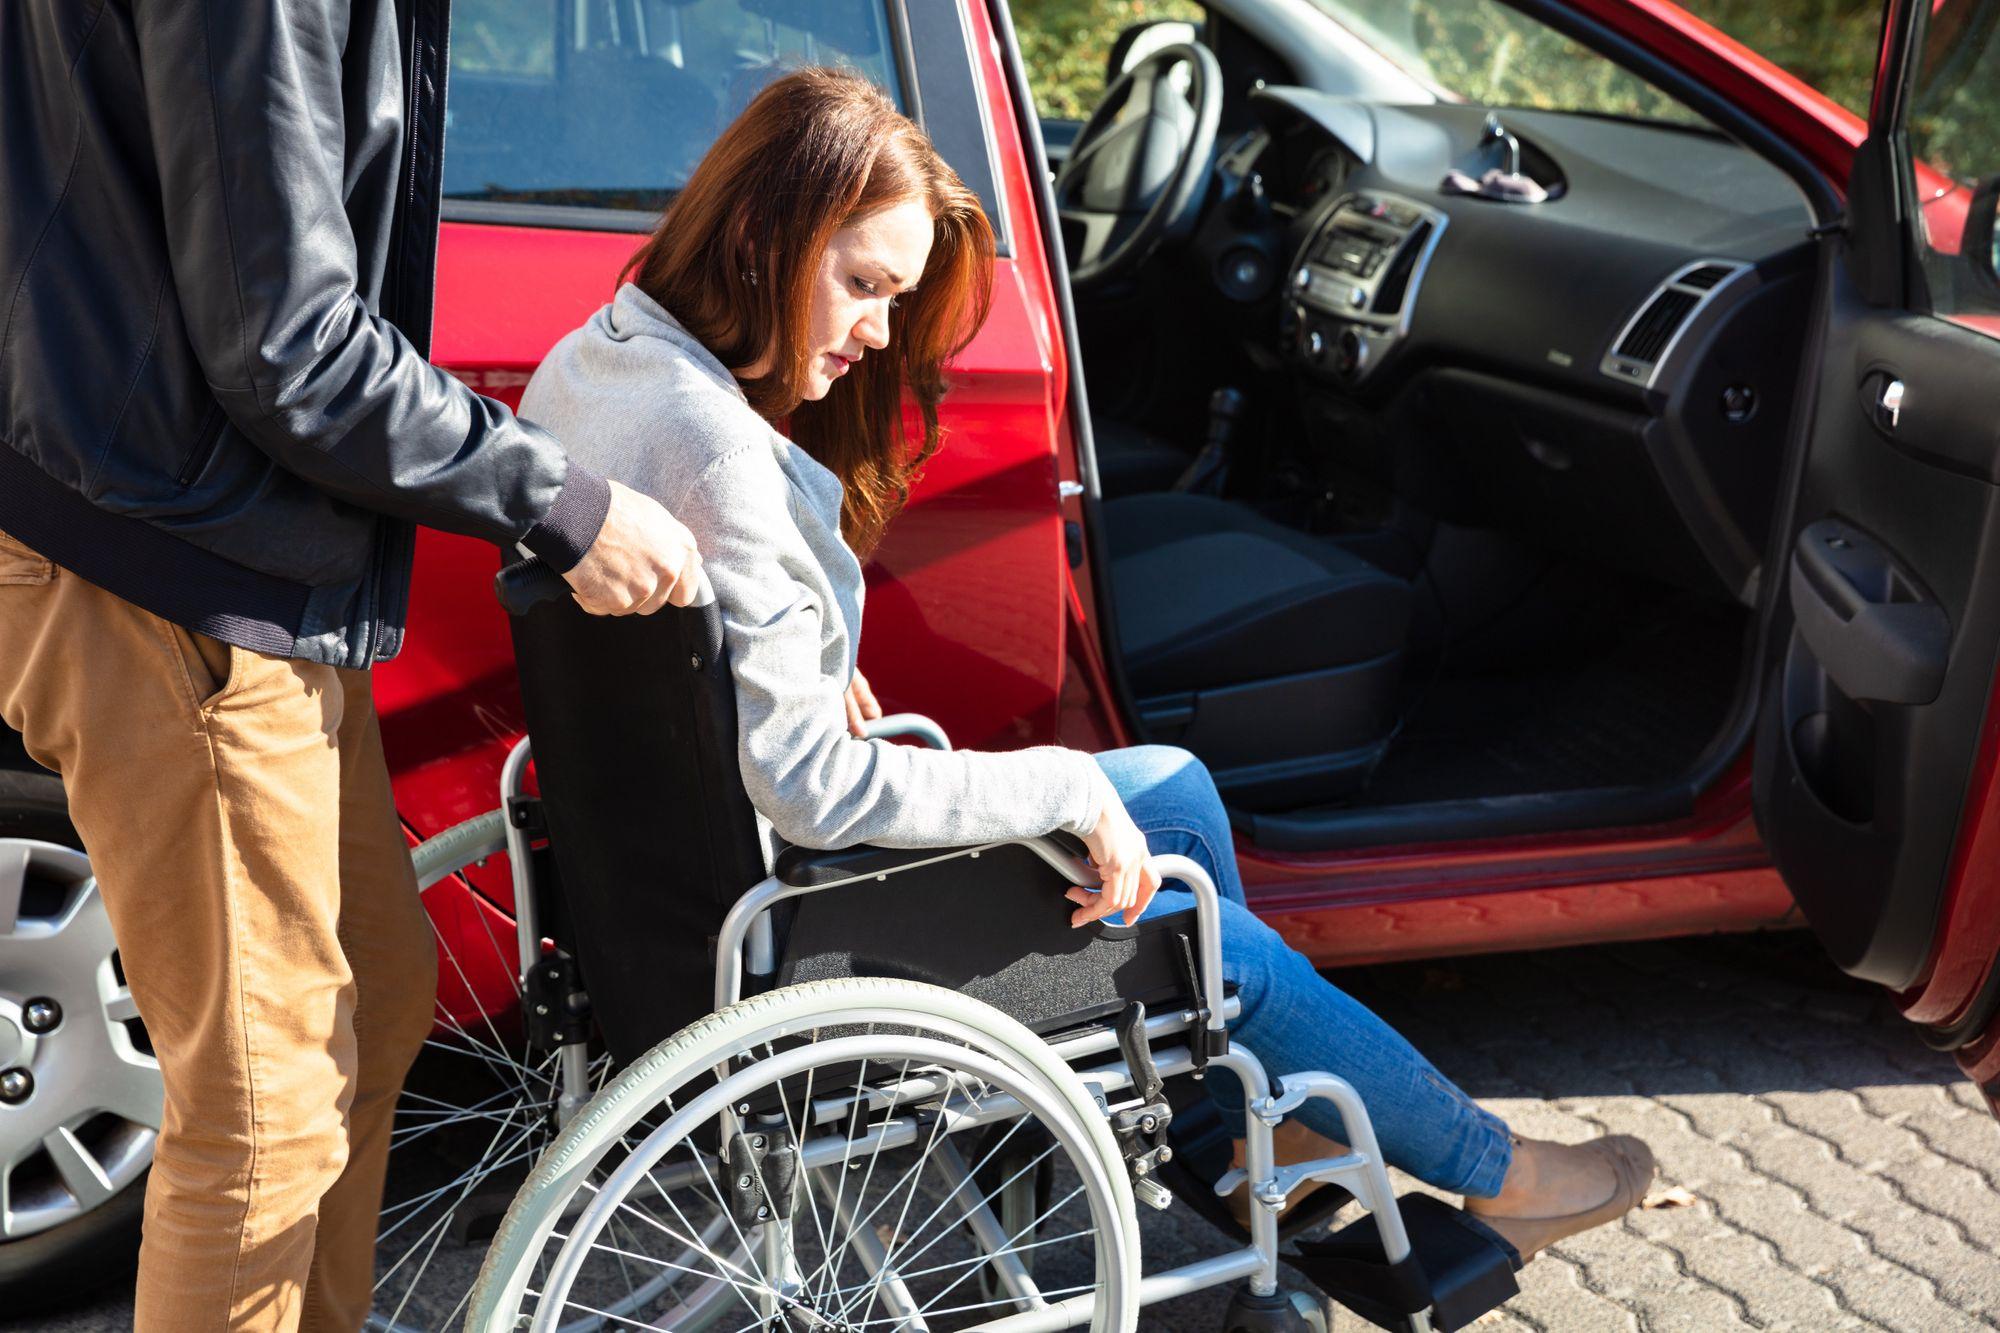 ¿Existe una cobertura de auto para personas discapacitadas?